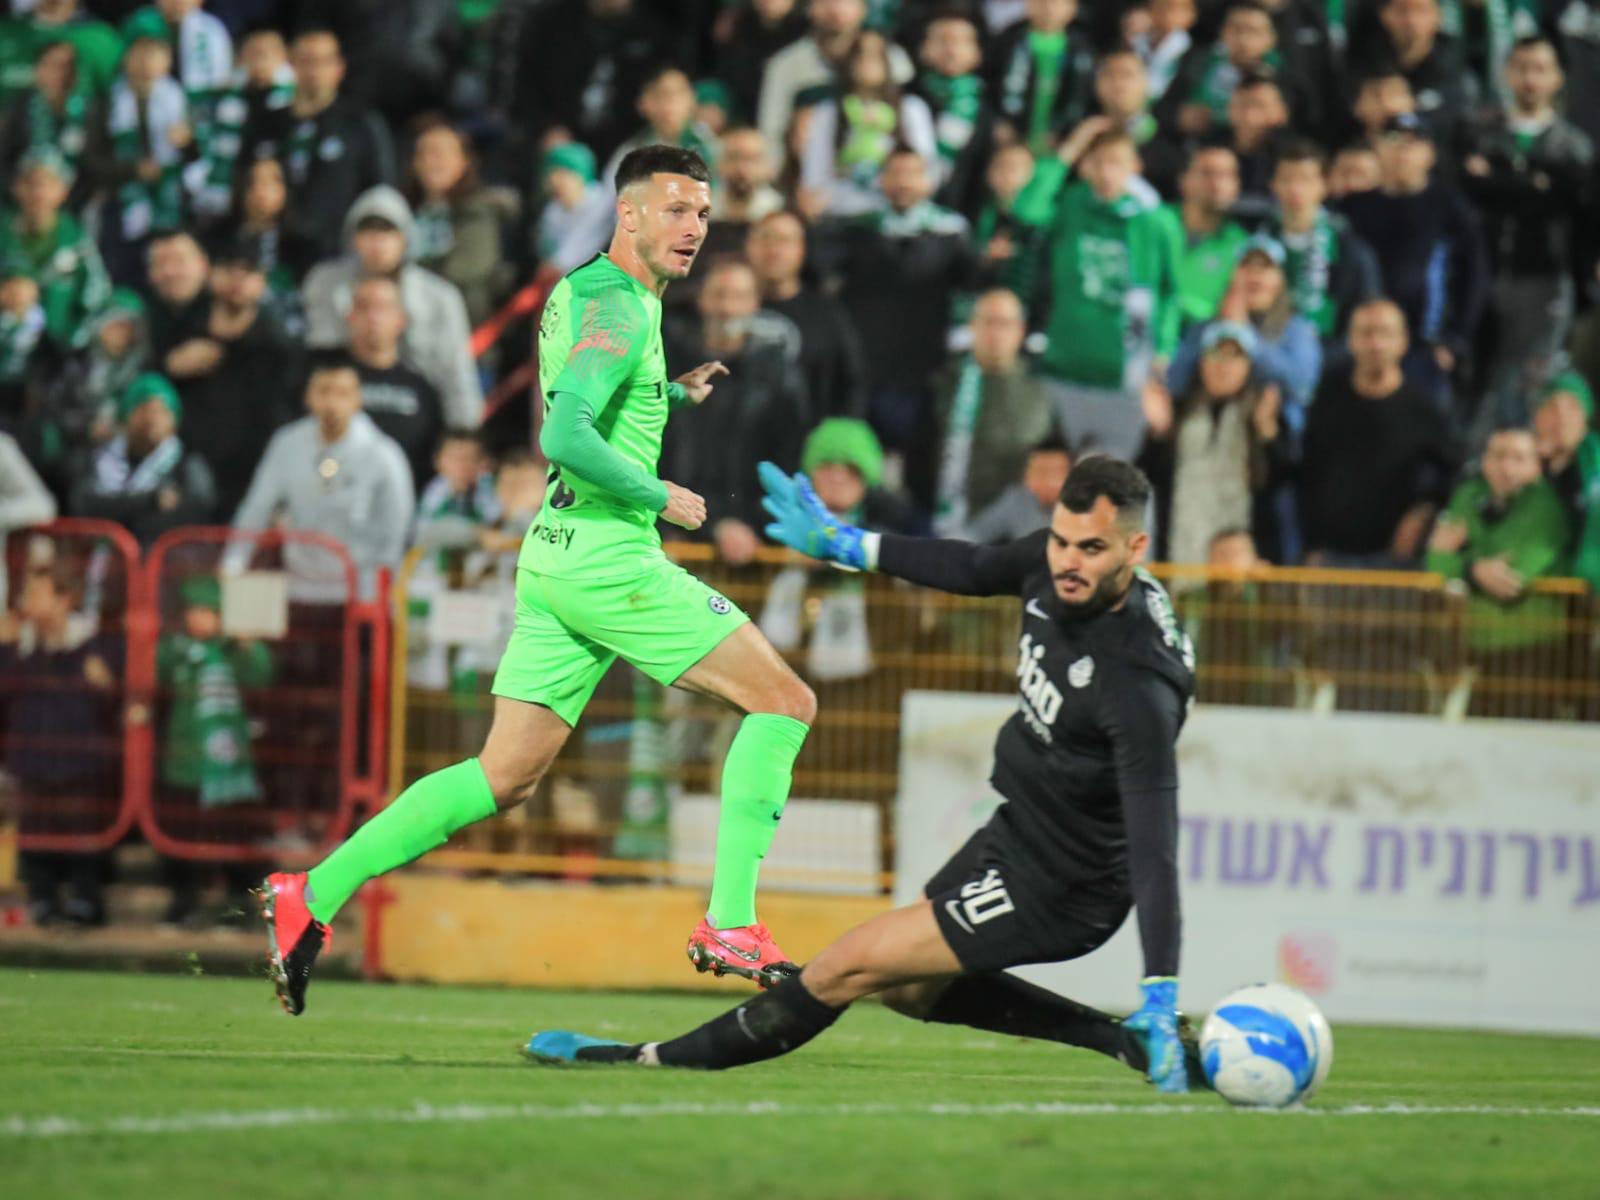 Maccabi beats Ashdod 1:2